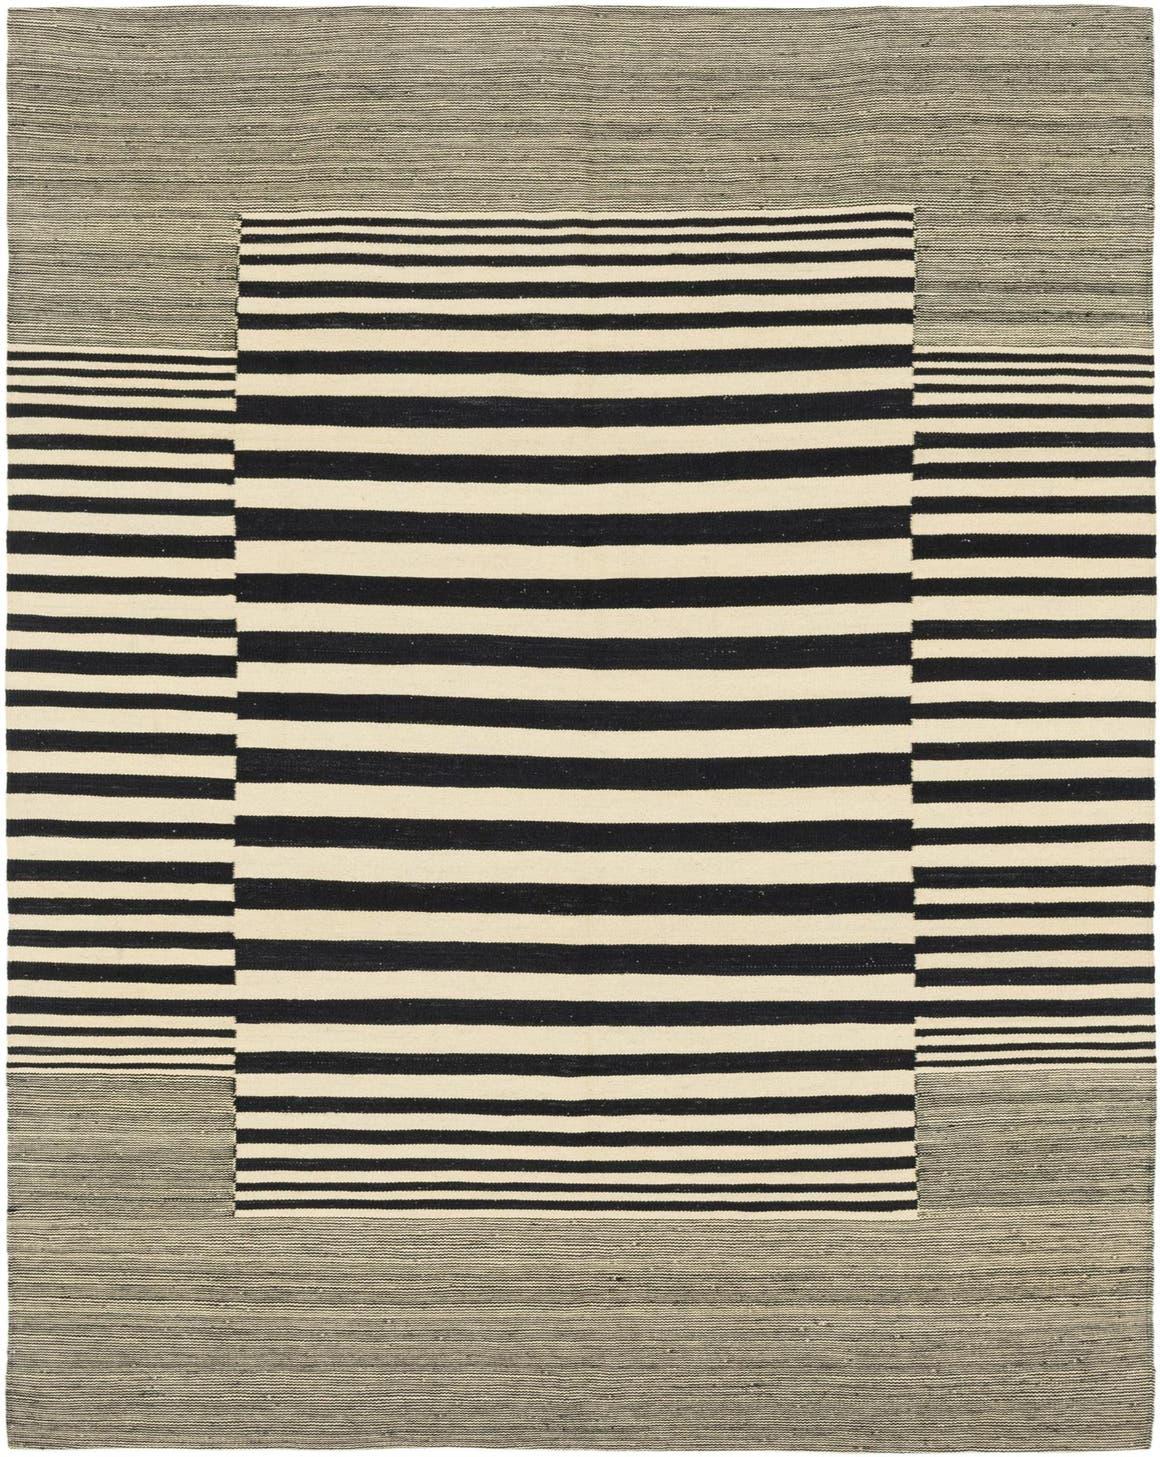 6' x 7' 7 Kilim Modern Square Rug main image